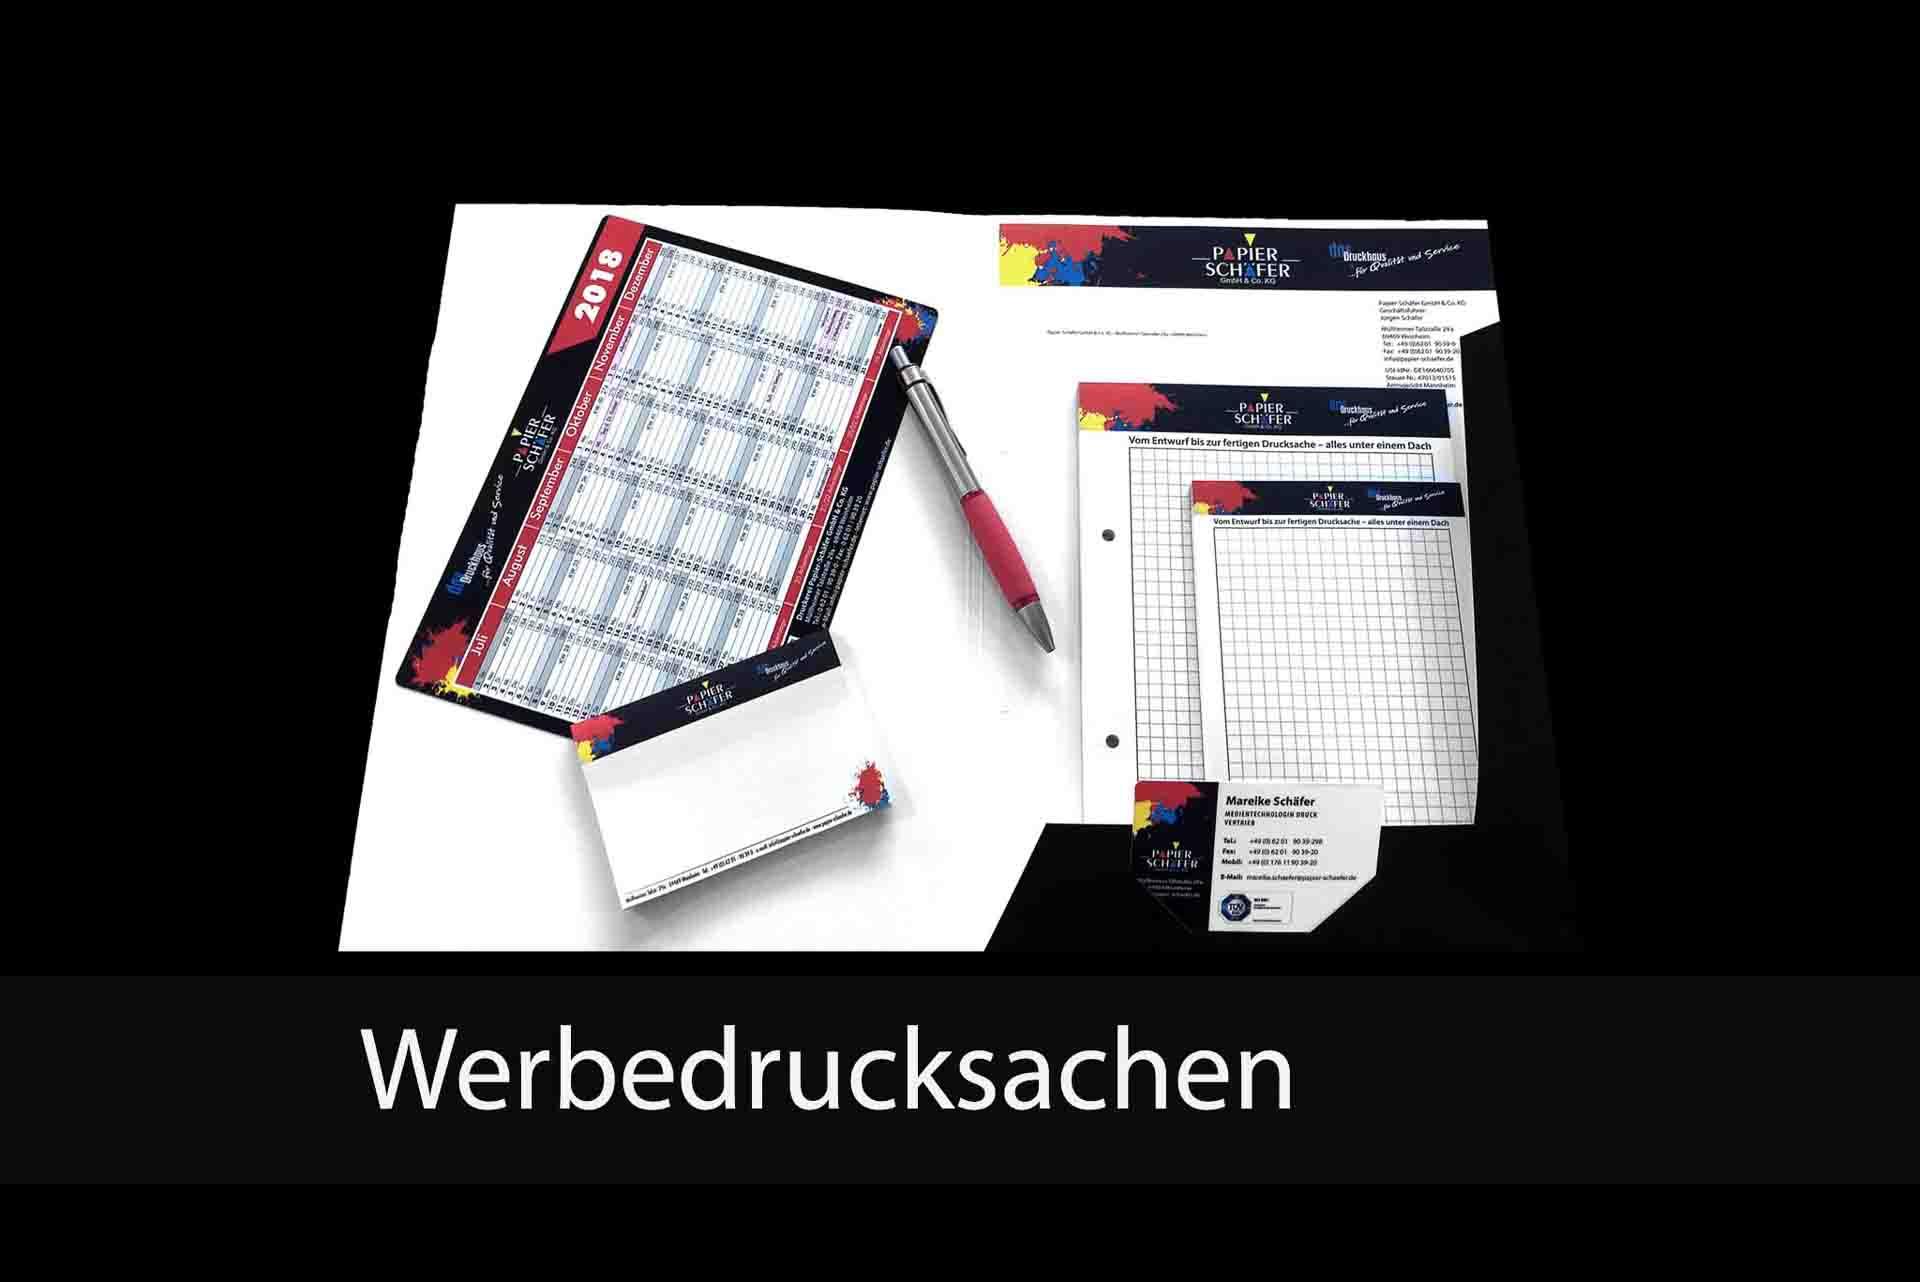 Werbedrucksachen | Papier-Schäfer GmbH & Co. KG